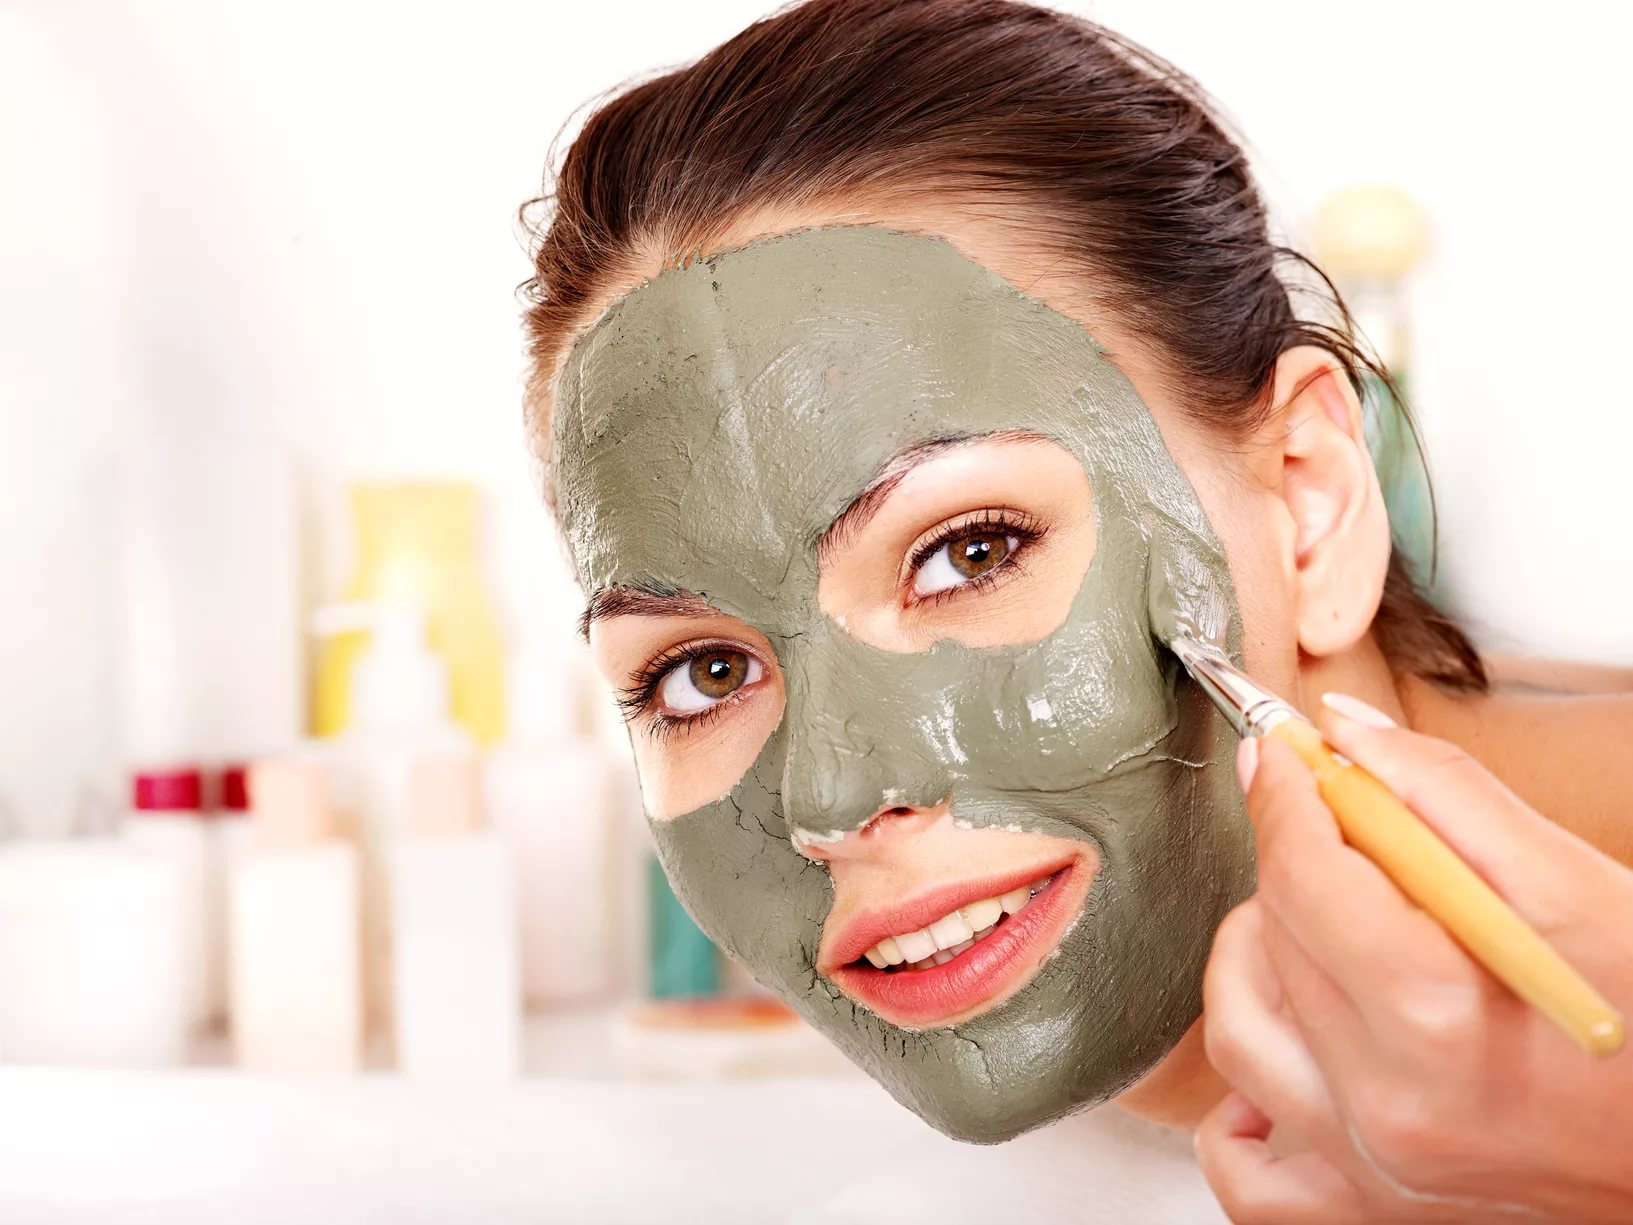 Рецепты масок для лица в домашних условиях от прыщей и черных точек